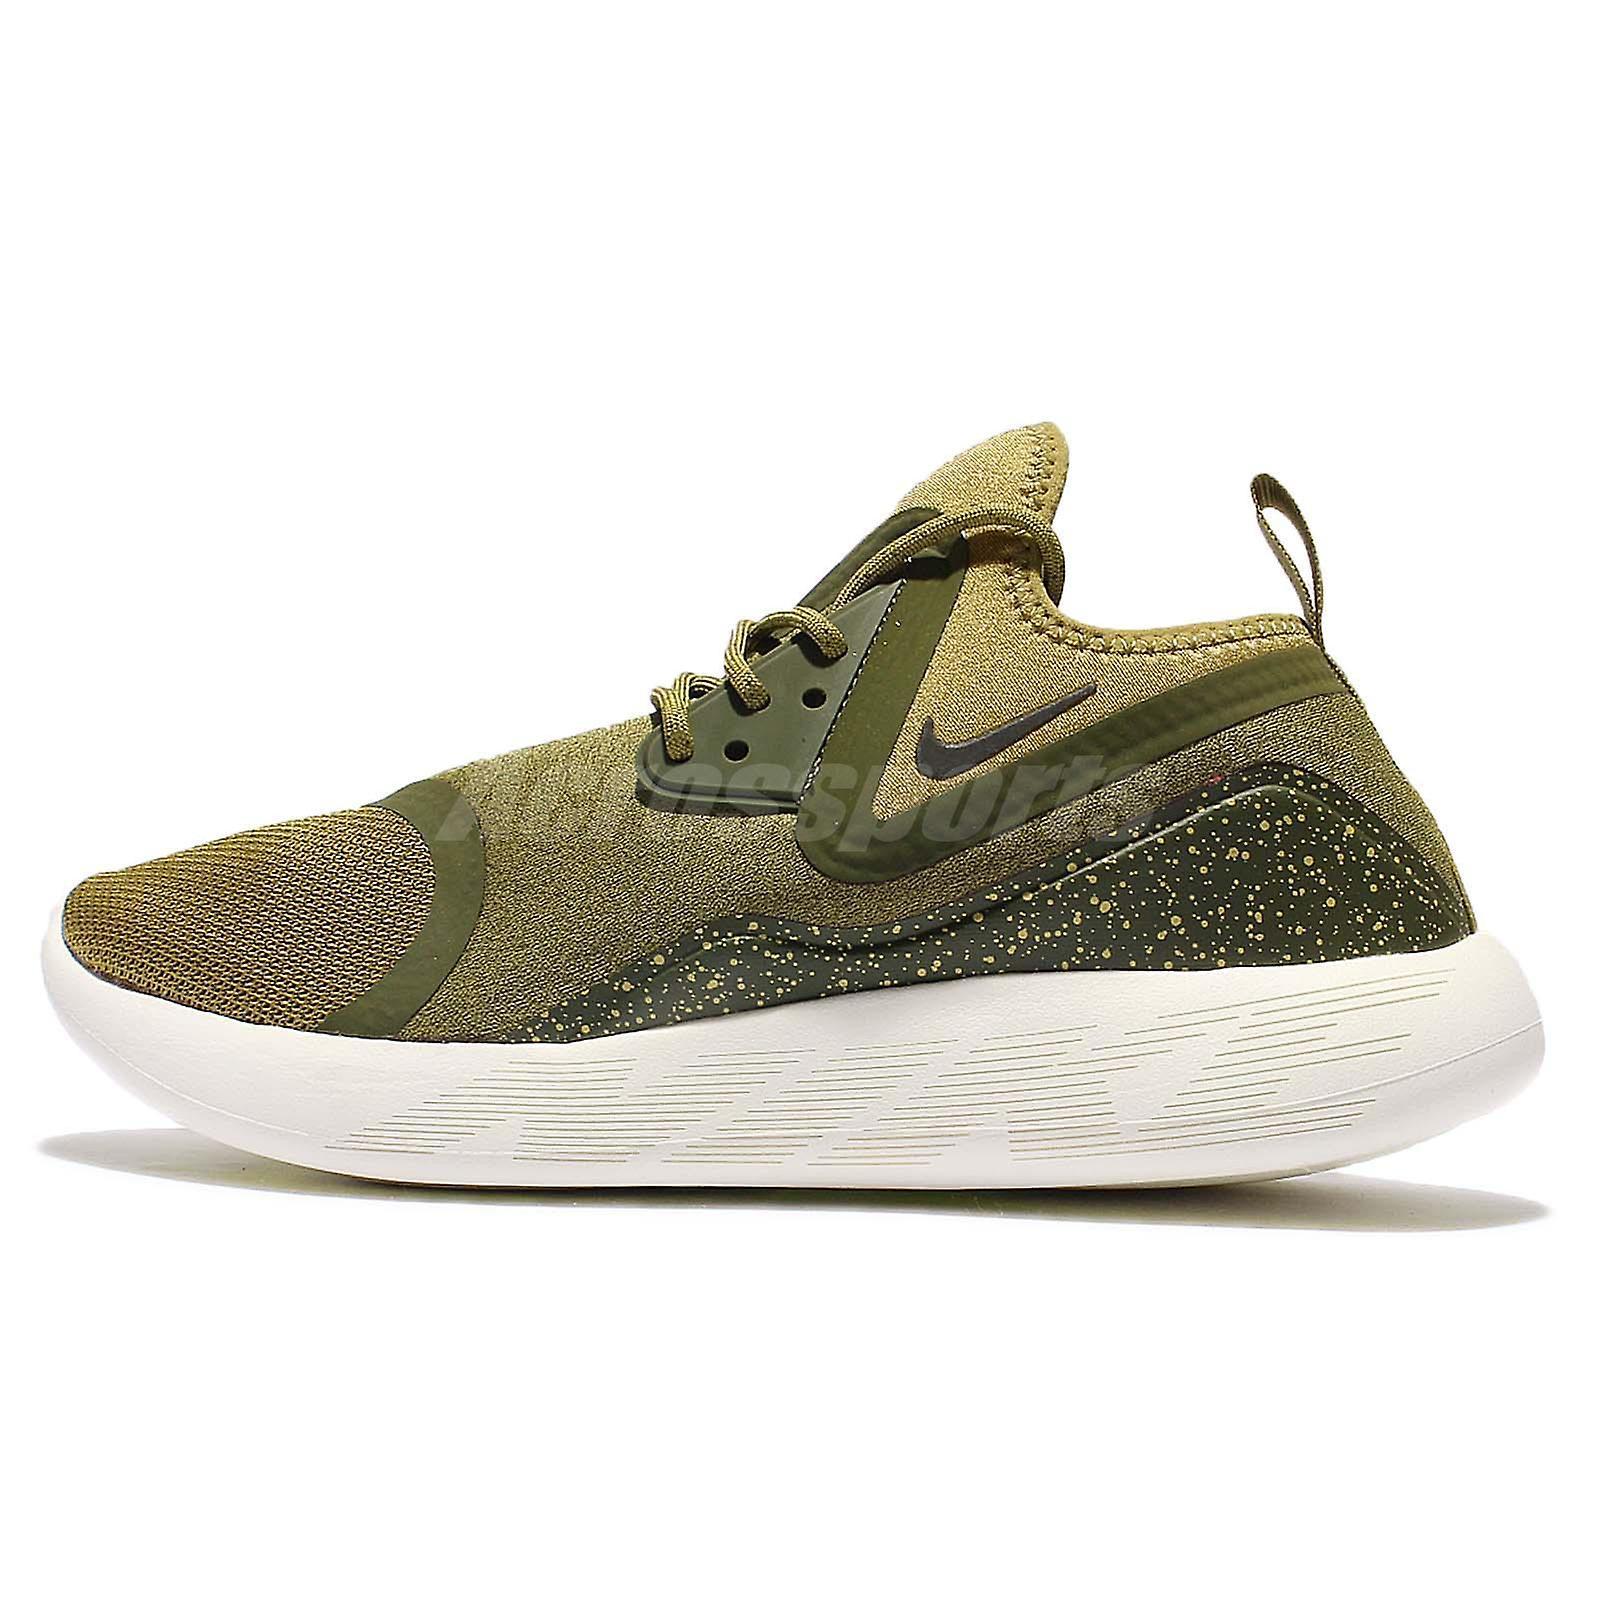 Scarpe sportive Nike Lunarcharge essenziale 923619 300 Mens | Materiali Di Qualità Superiore  | Uomini/Donne Scarpa